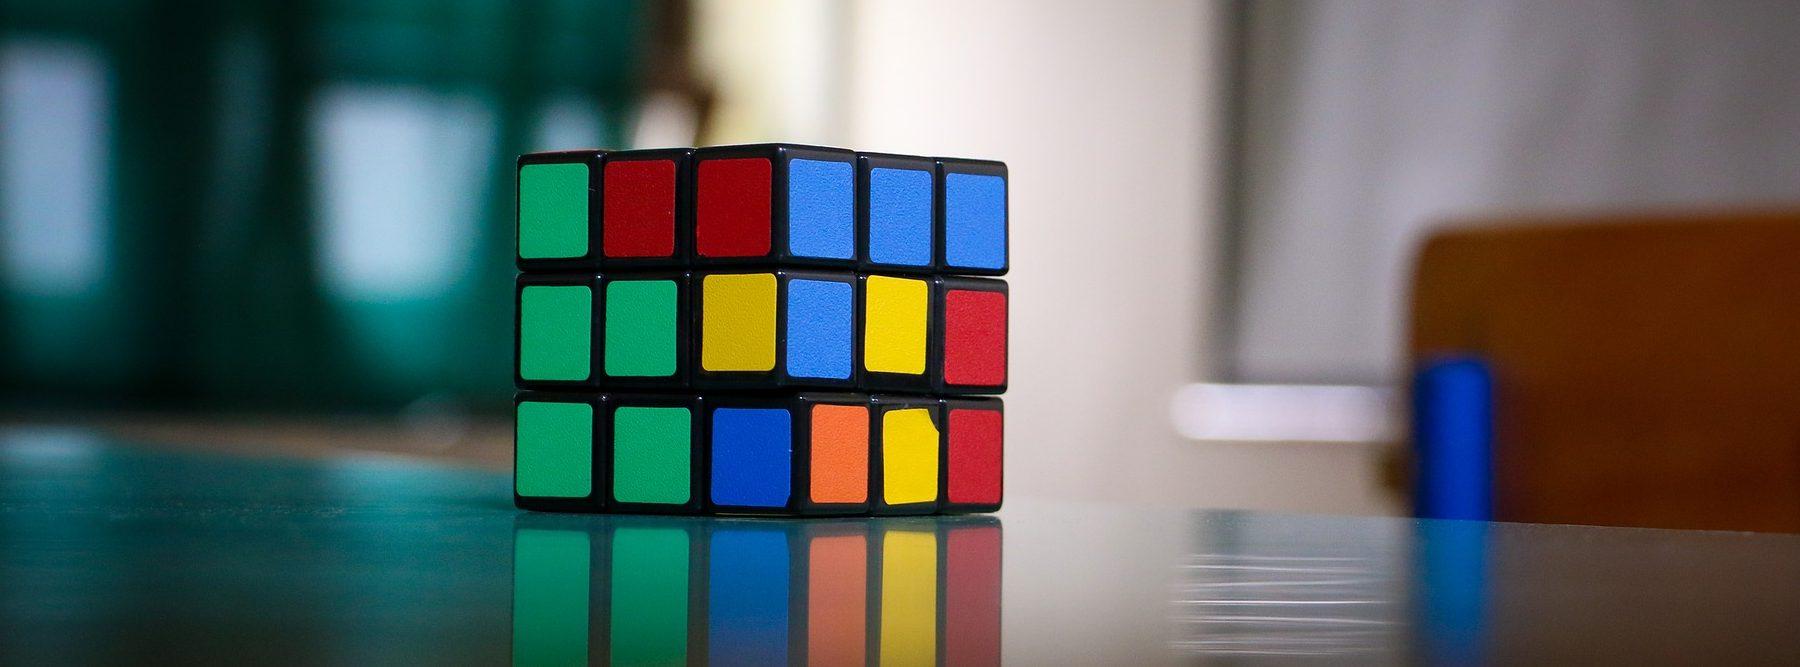 El algoritmo de IA capaz de resolver el cubo de Rubik